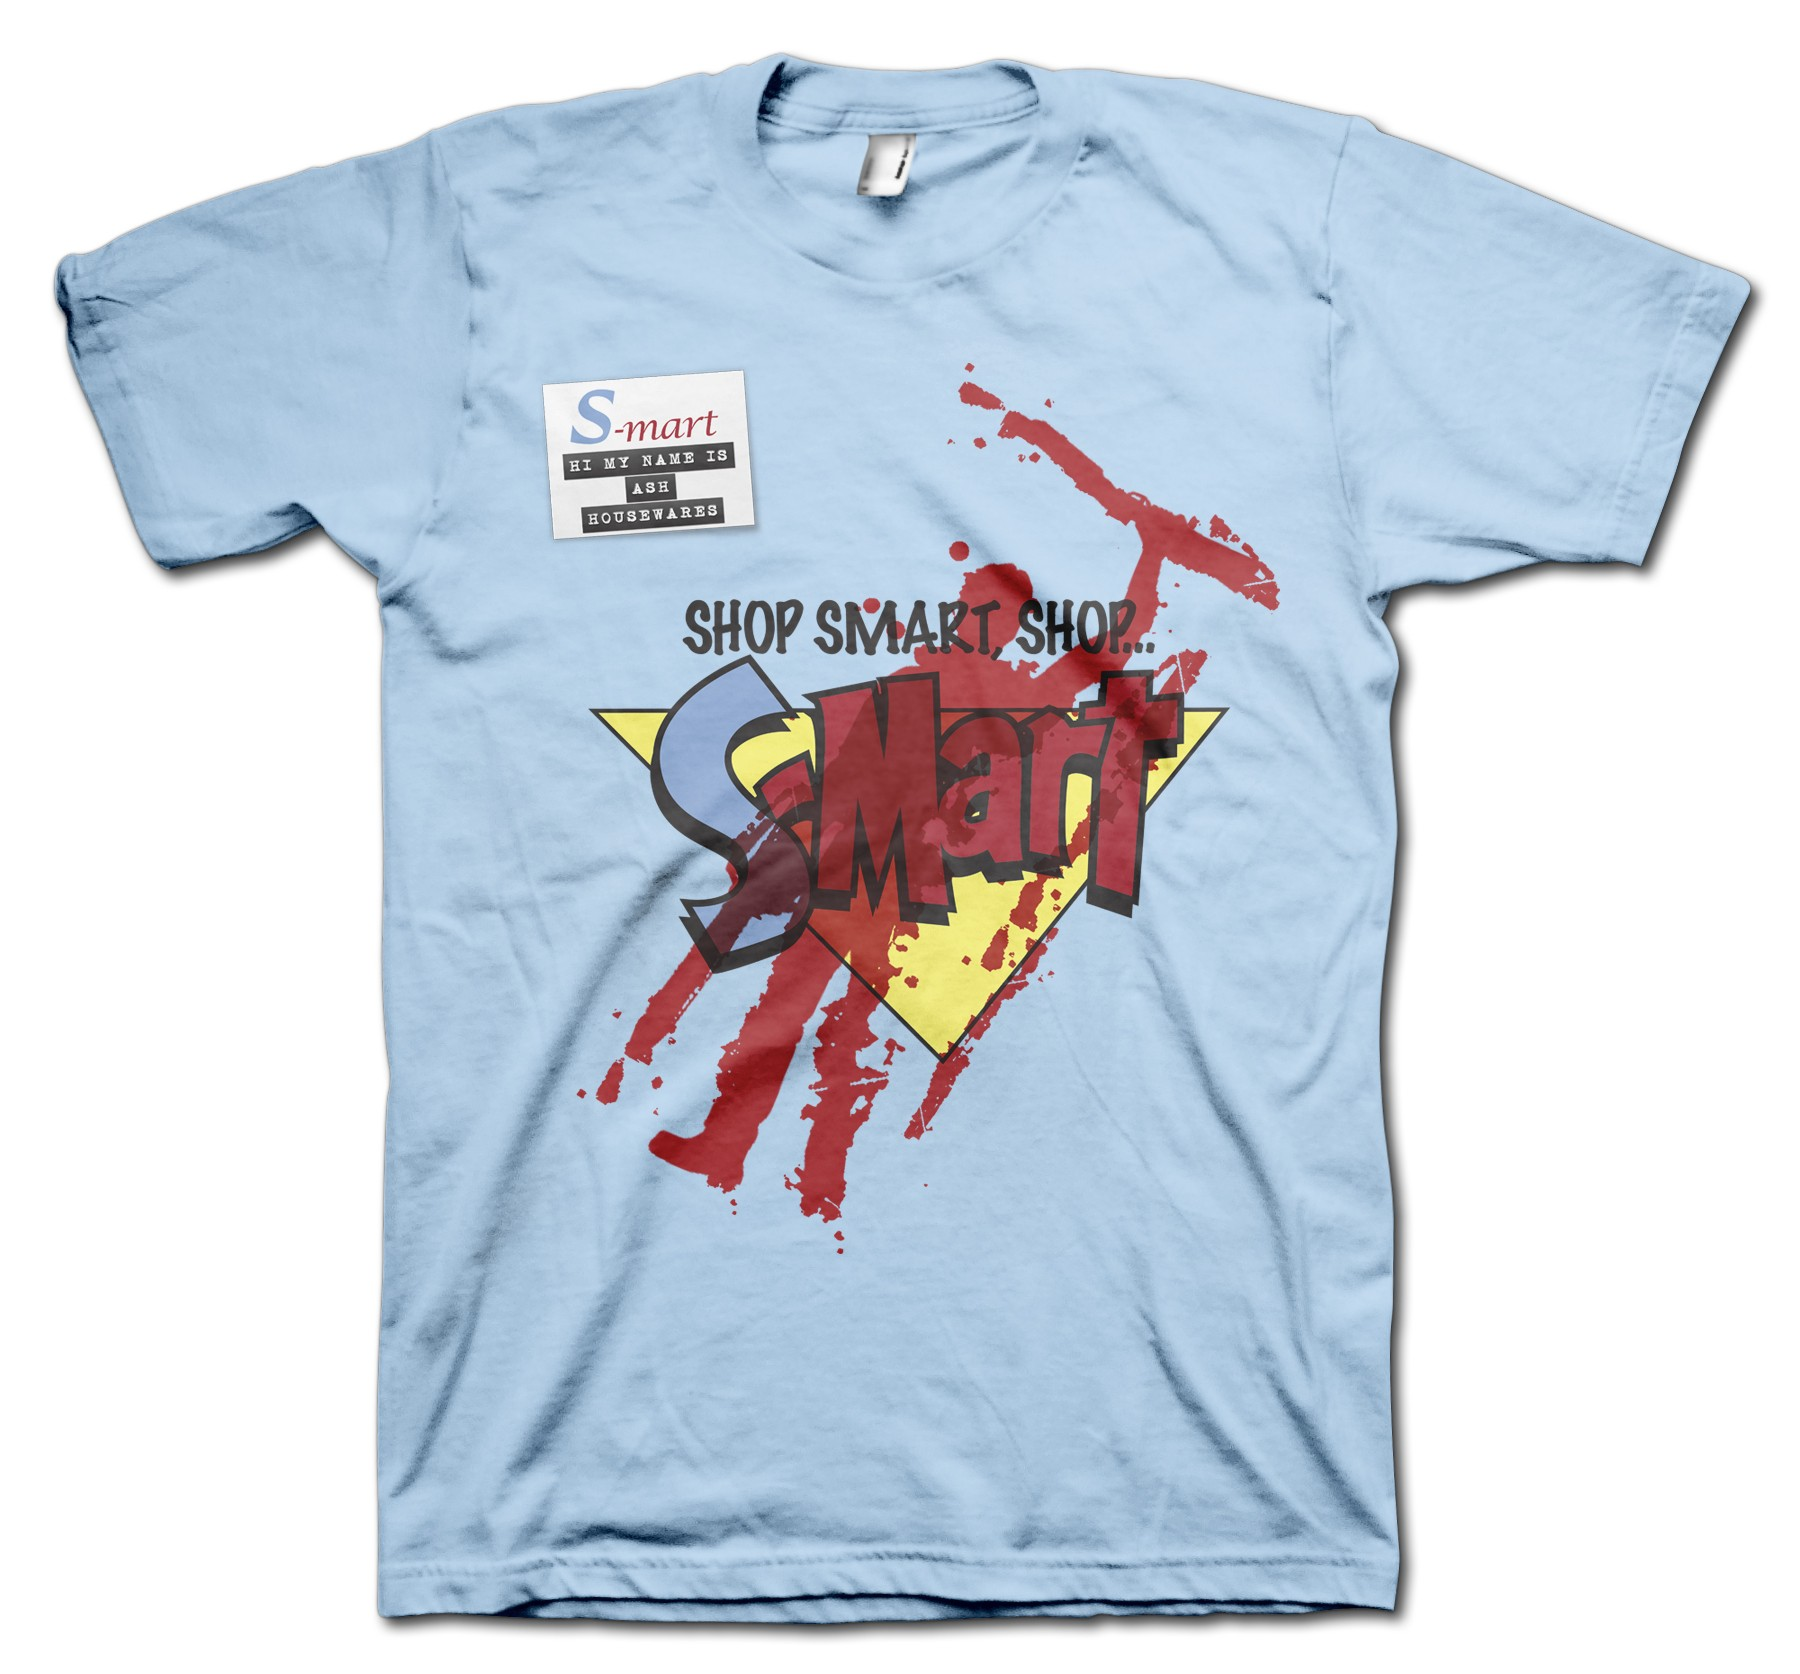 Evil Dead 3 (1992) inspired S-Mart T-Shirt